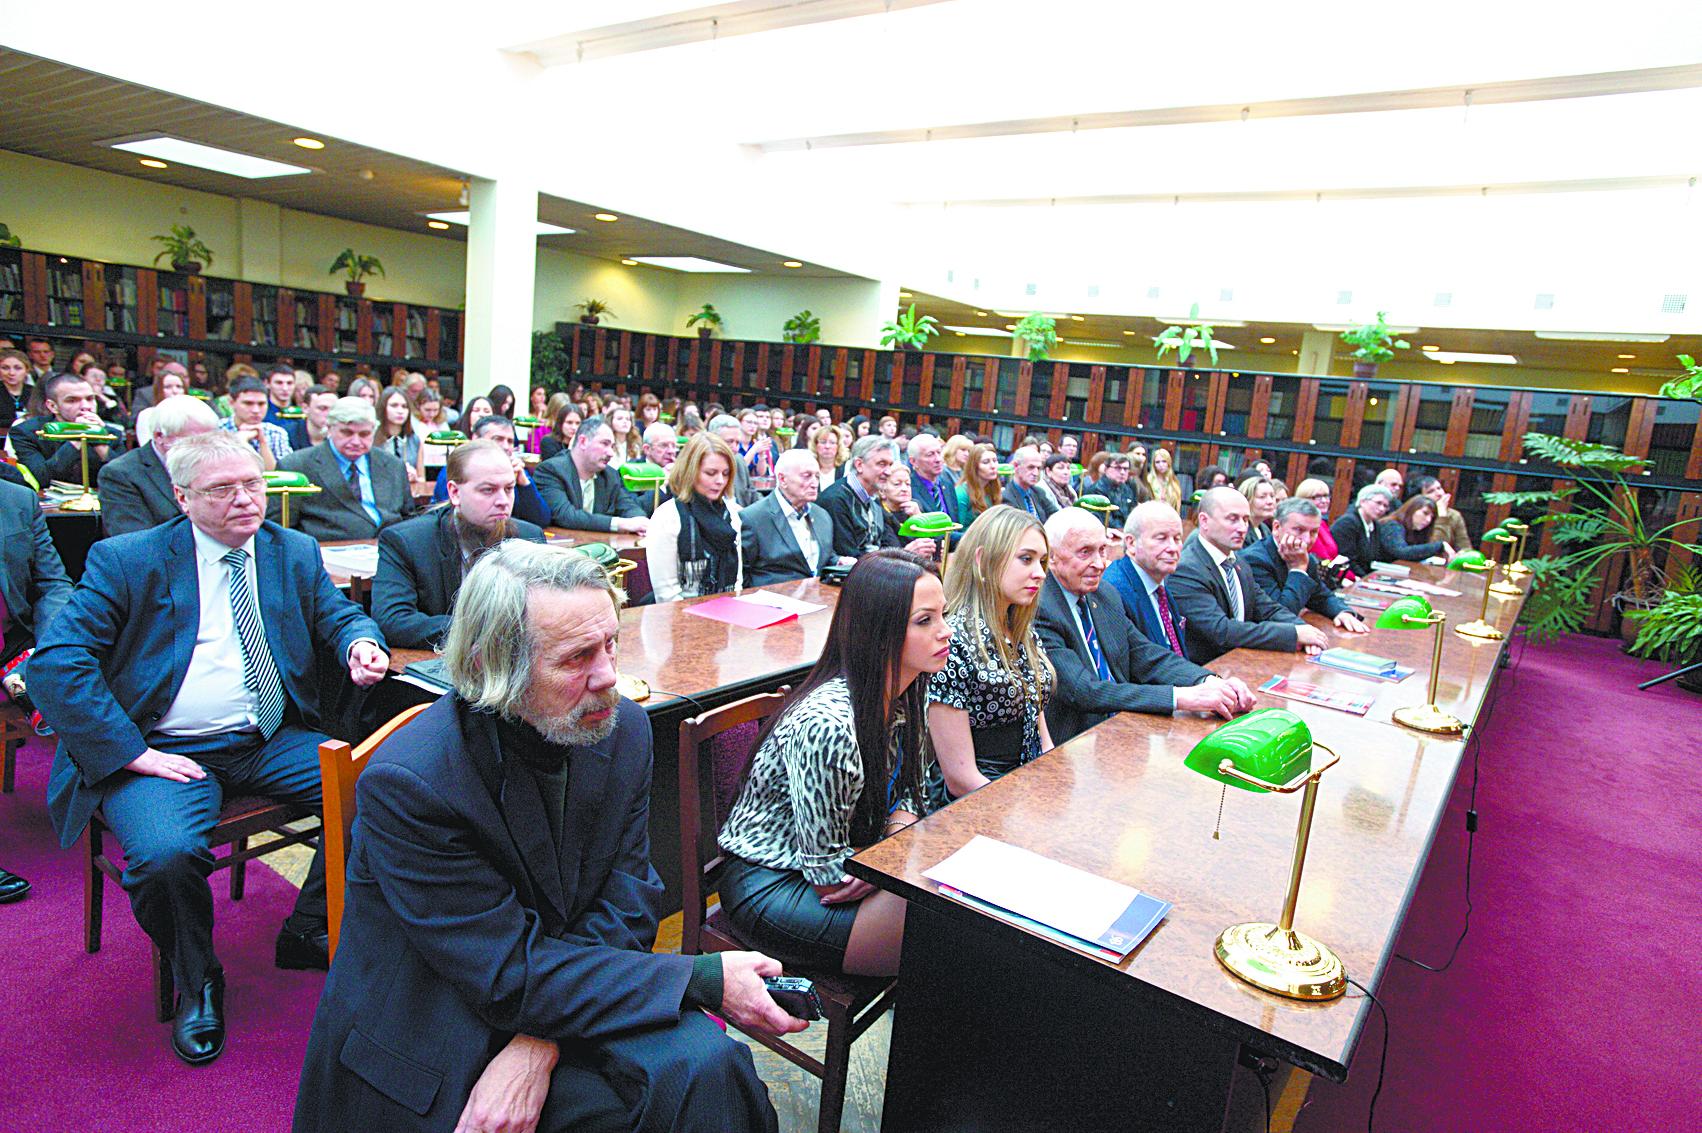 В университетской библиотеке обсуждаются работы Дмитрия Лихачева о культуре